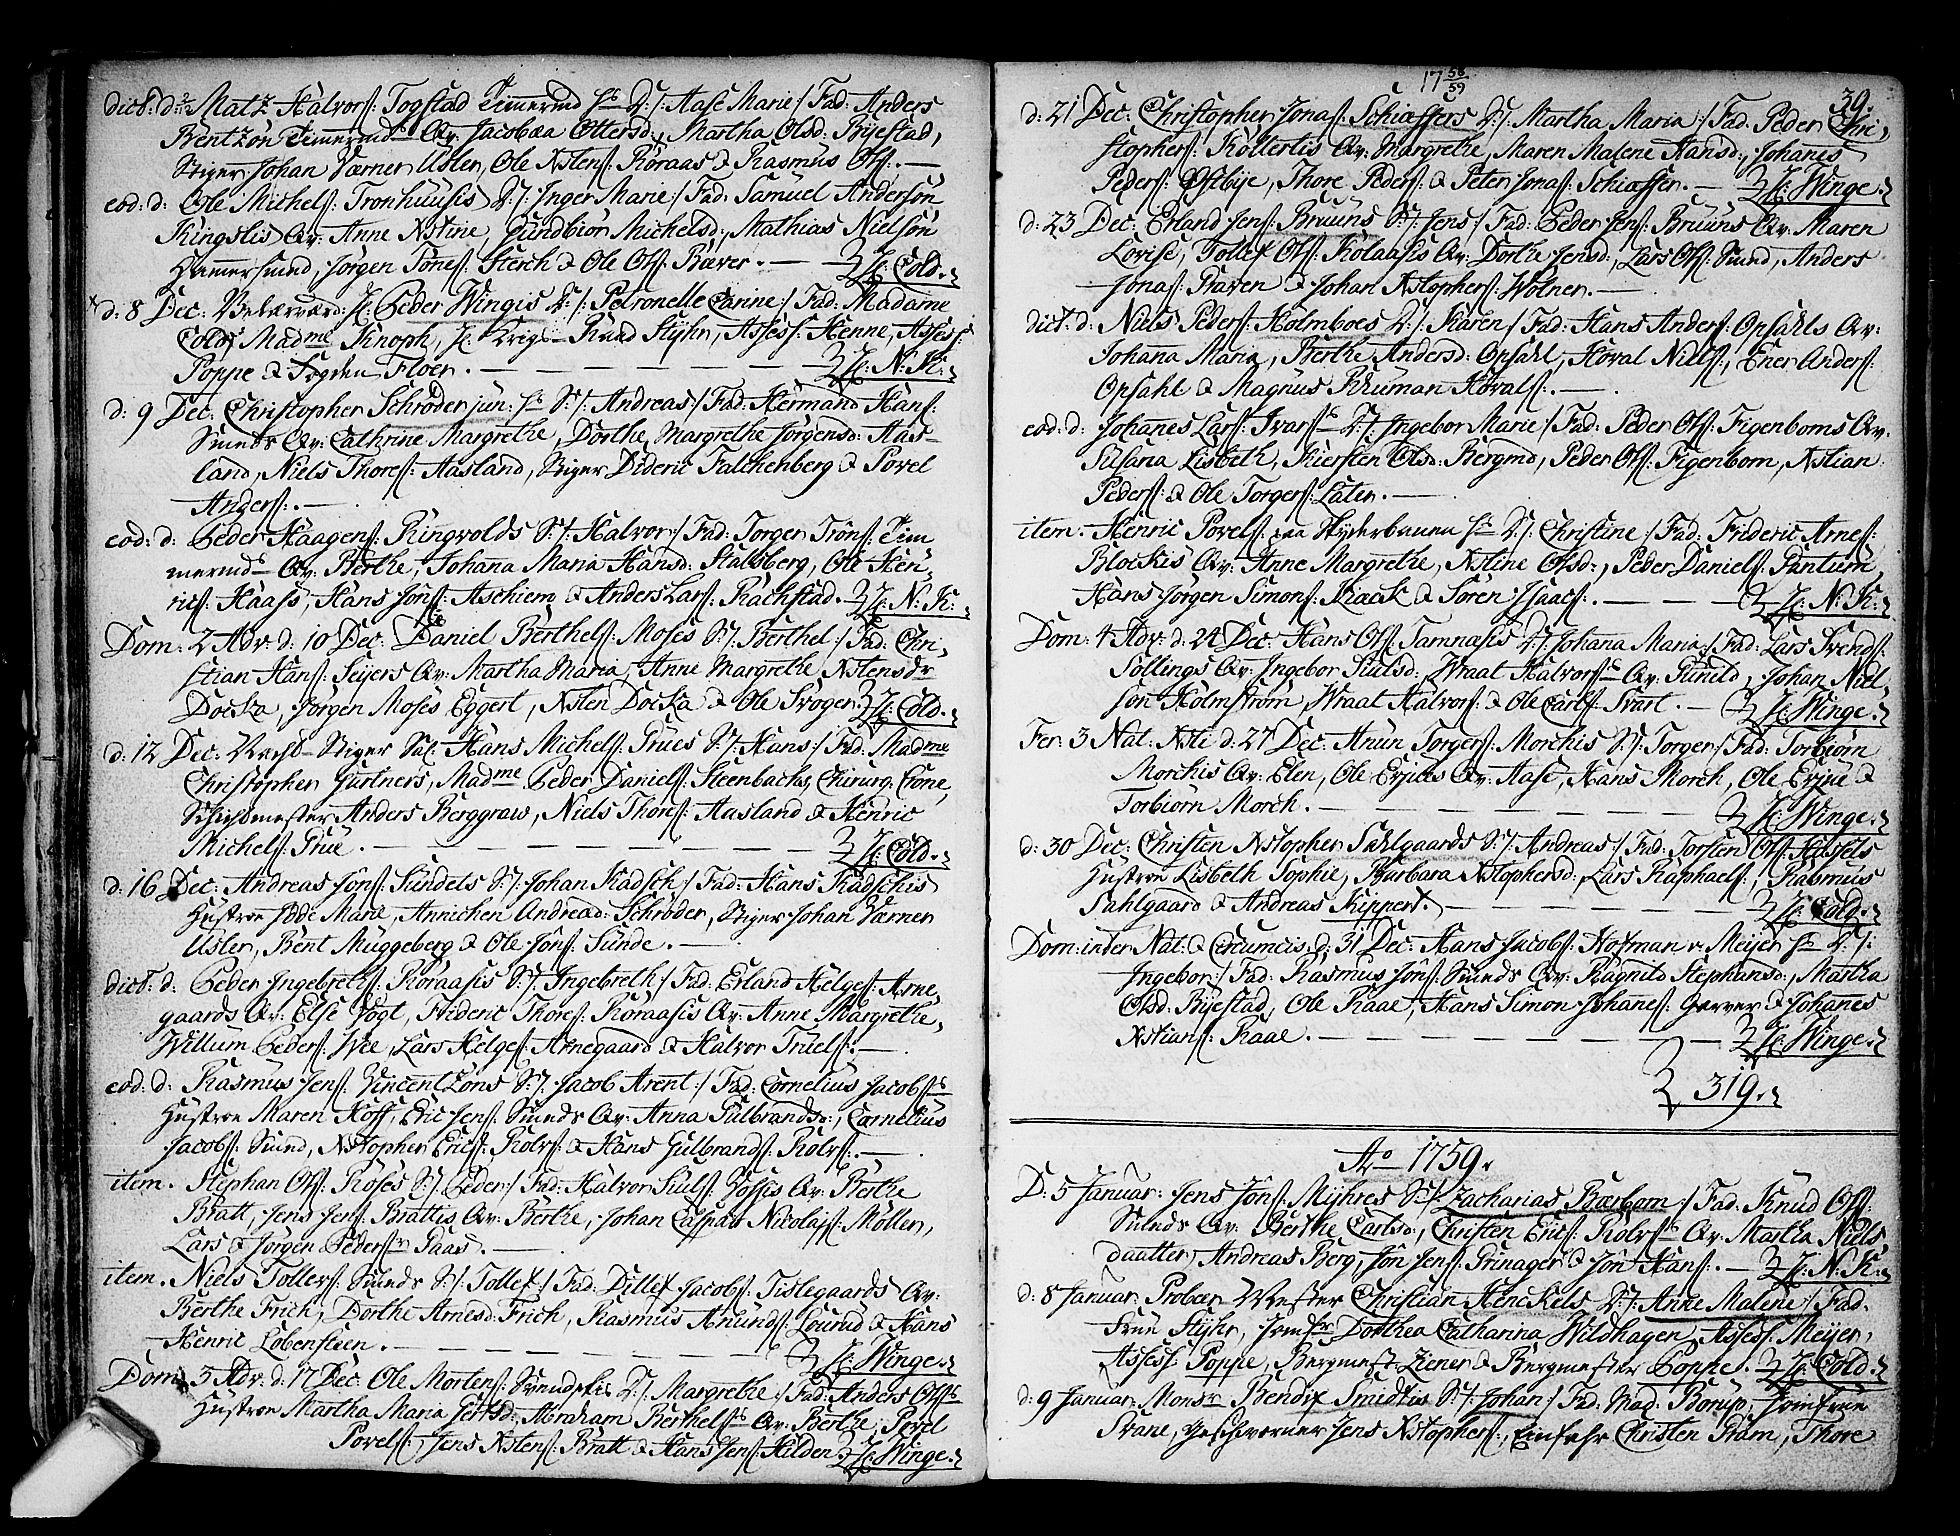 SAKO, Kongsberg kirkebøker, F/Fa/L0004: Ministerialbok nr. I 4, 1756-1768, s. 39